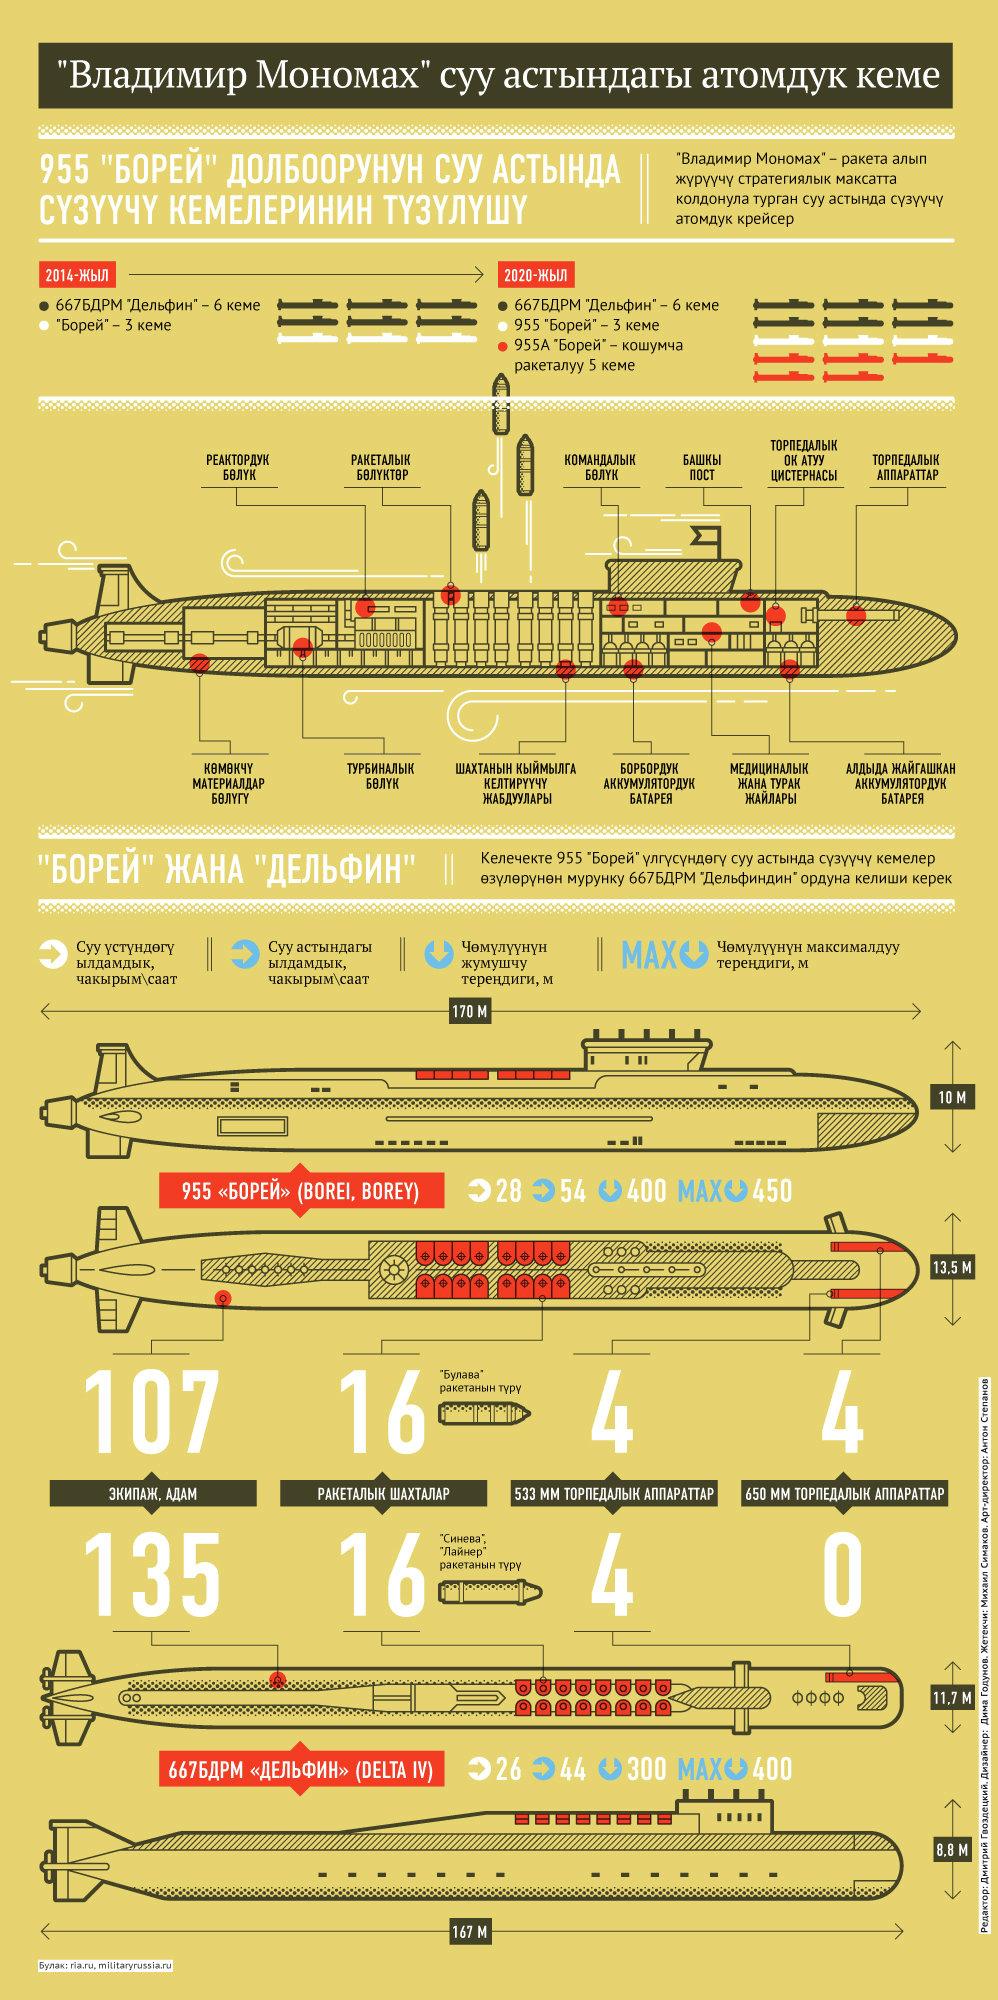 Атомная подводная лодка «Владимир Мономах» (кырг)